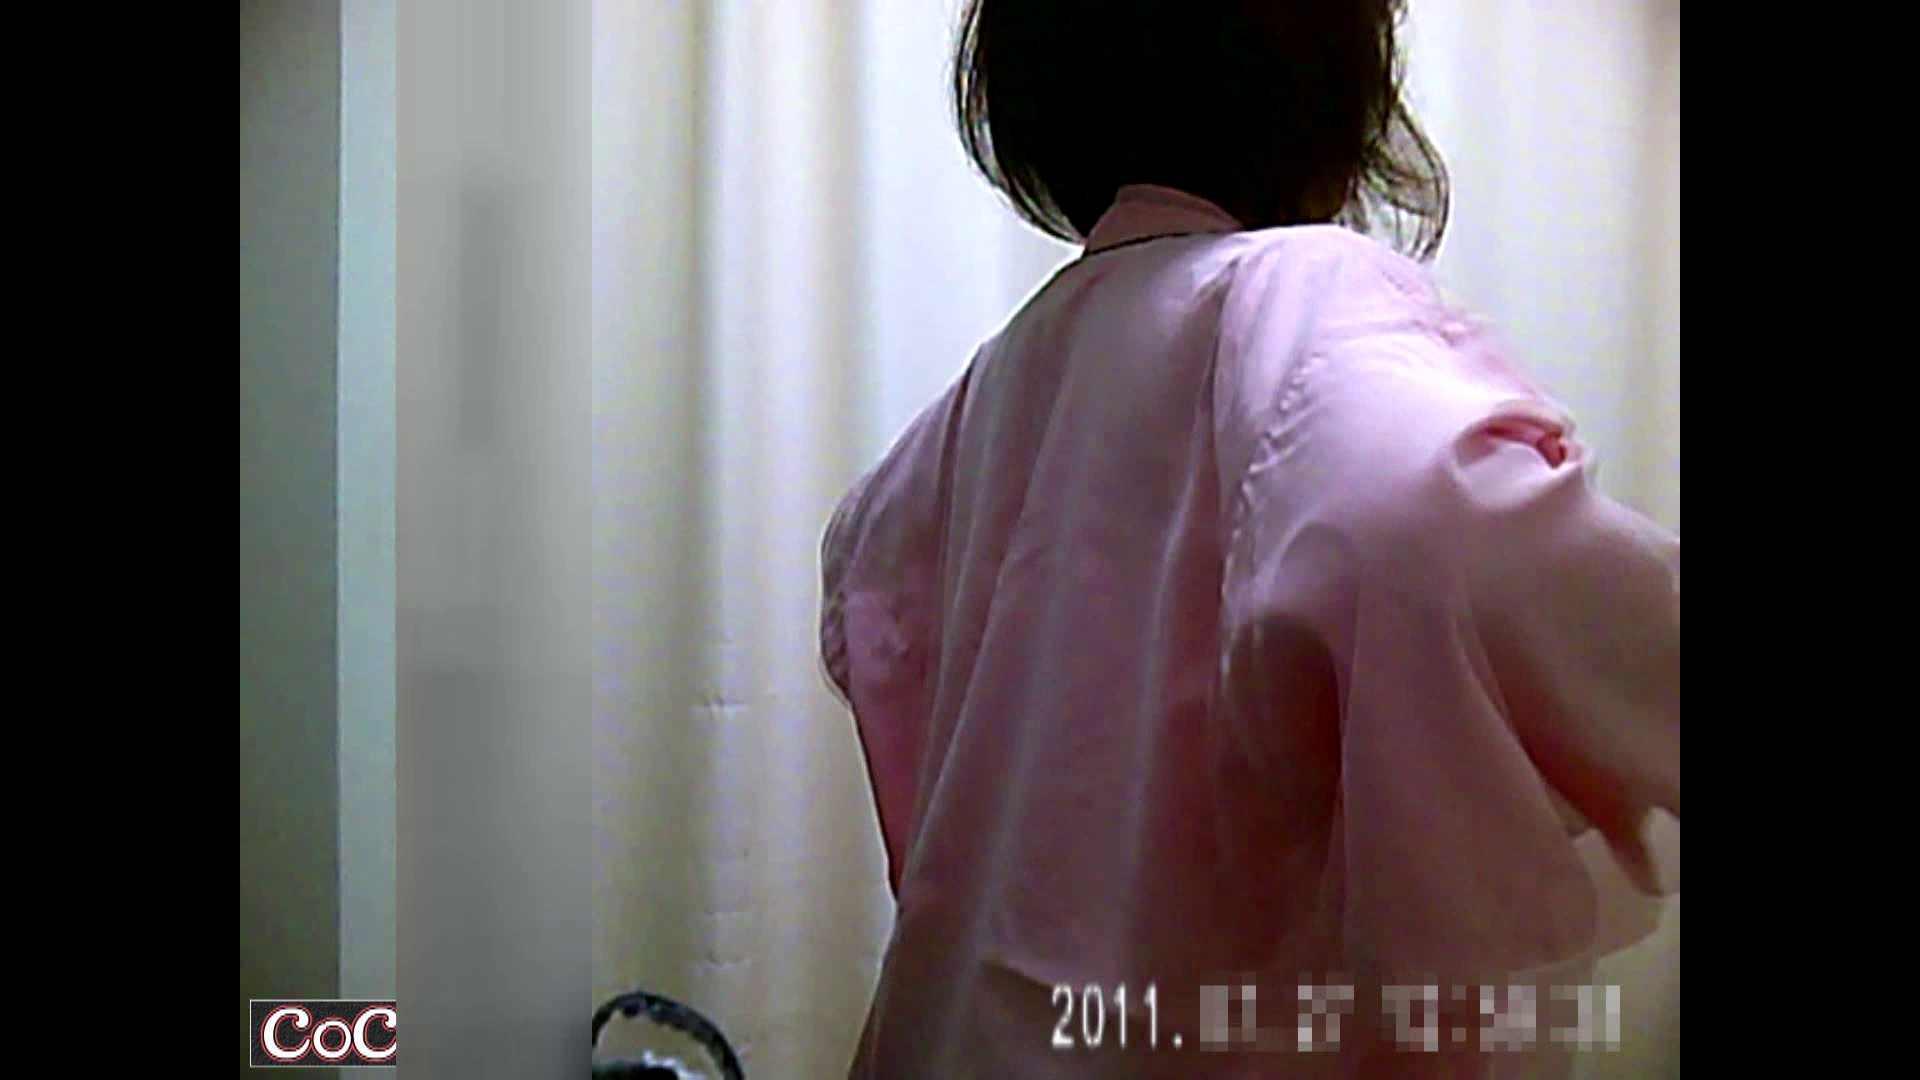 元医者による反抗 更衣室地獄絵巻 vol.290 OLハメ撮り  44Pix 23